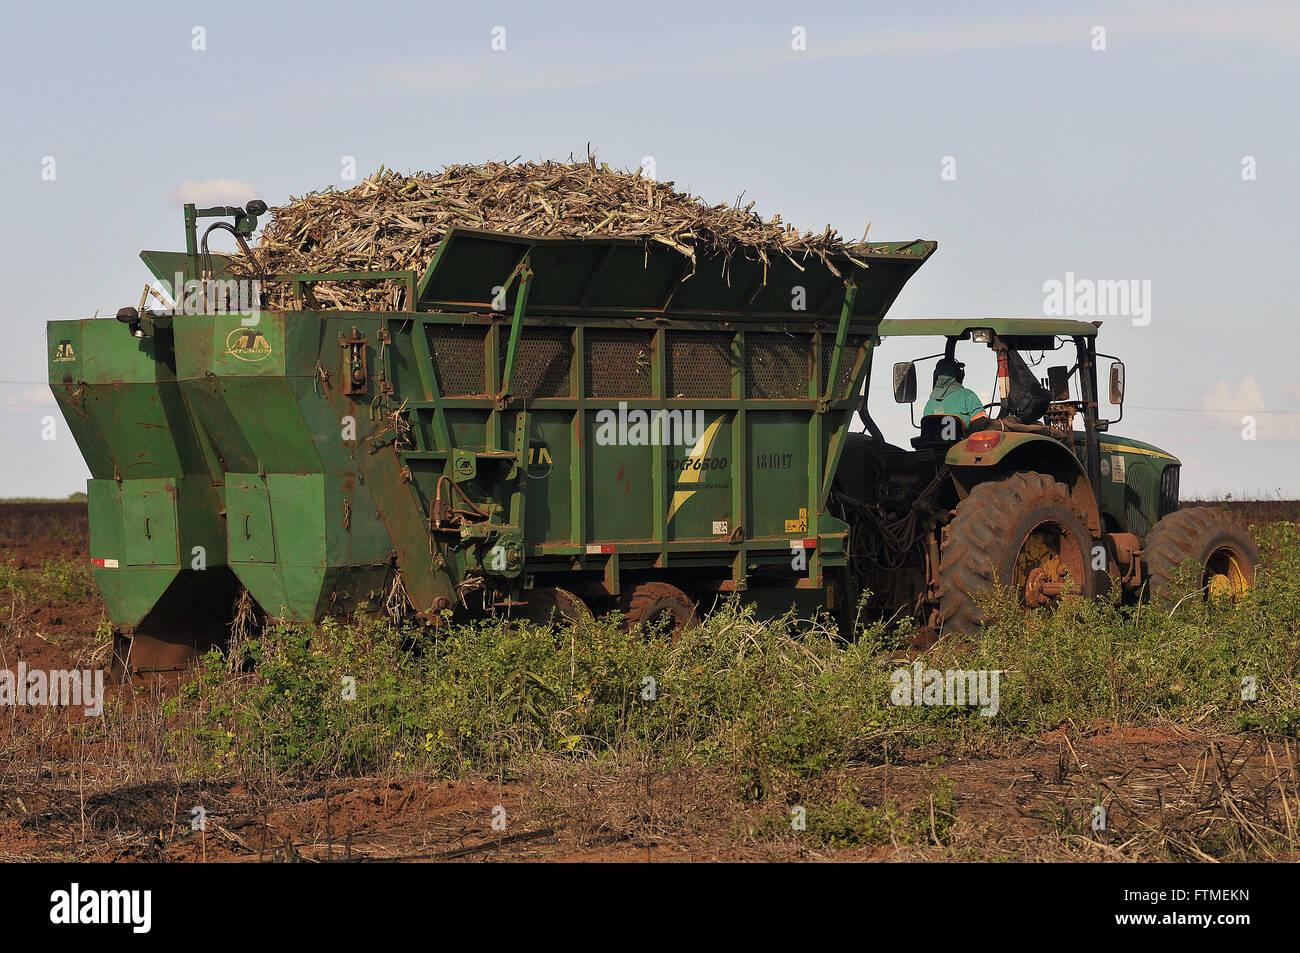 Mechanized planting of cane sugar - Stock Image